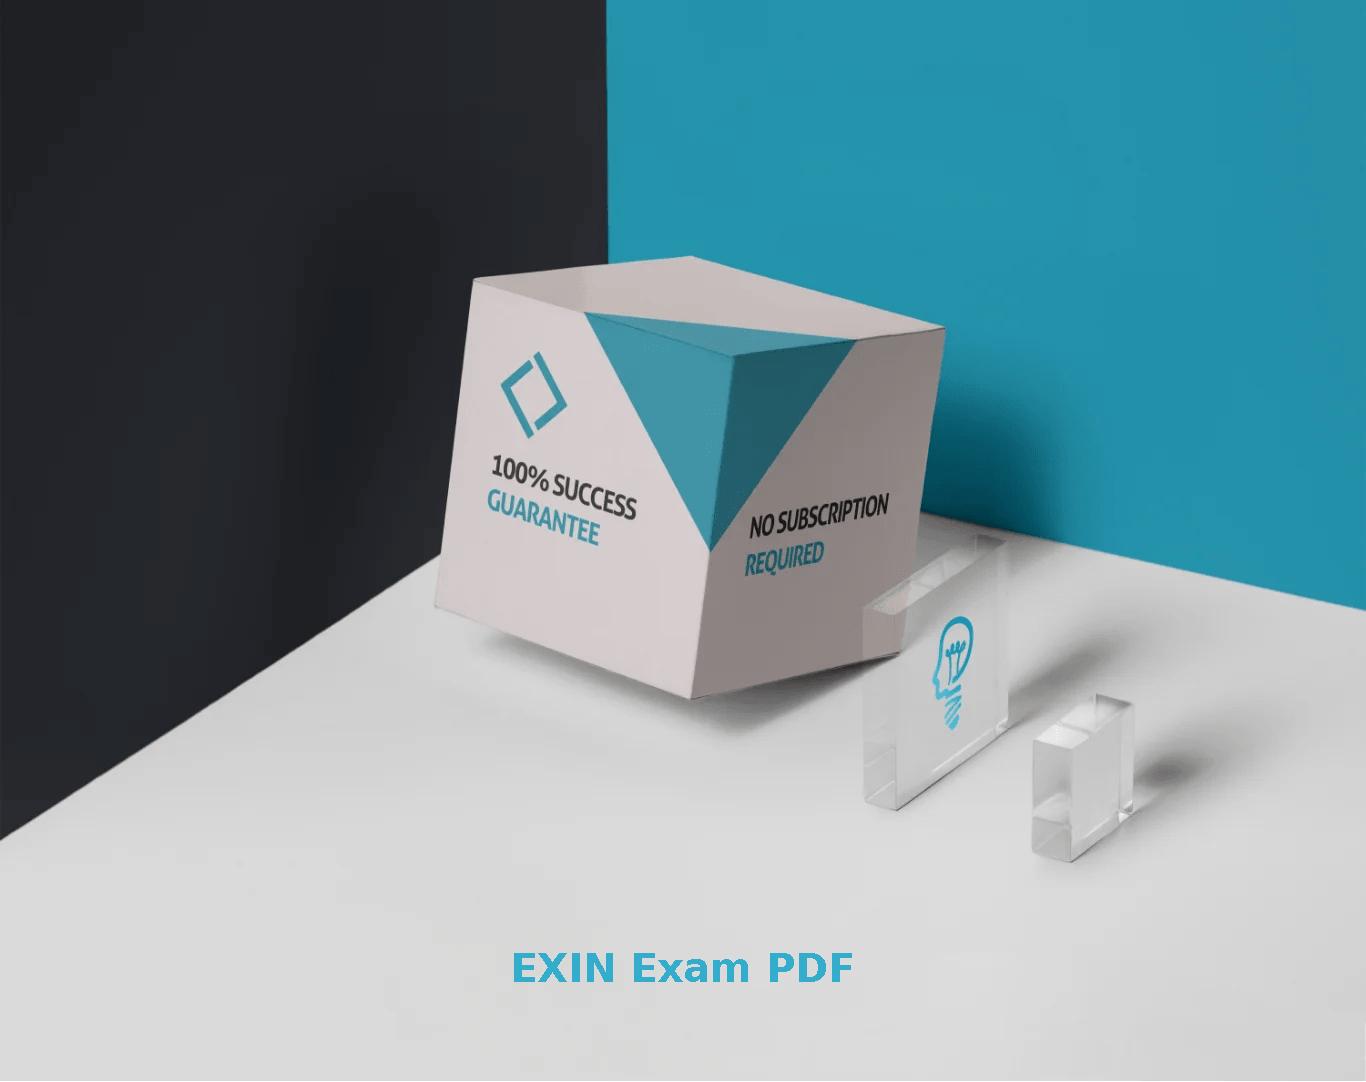 Exin Exam PDF